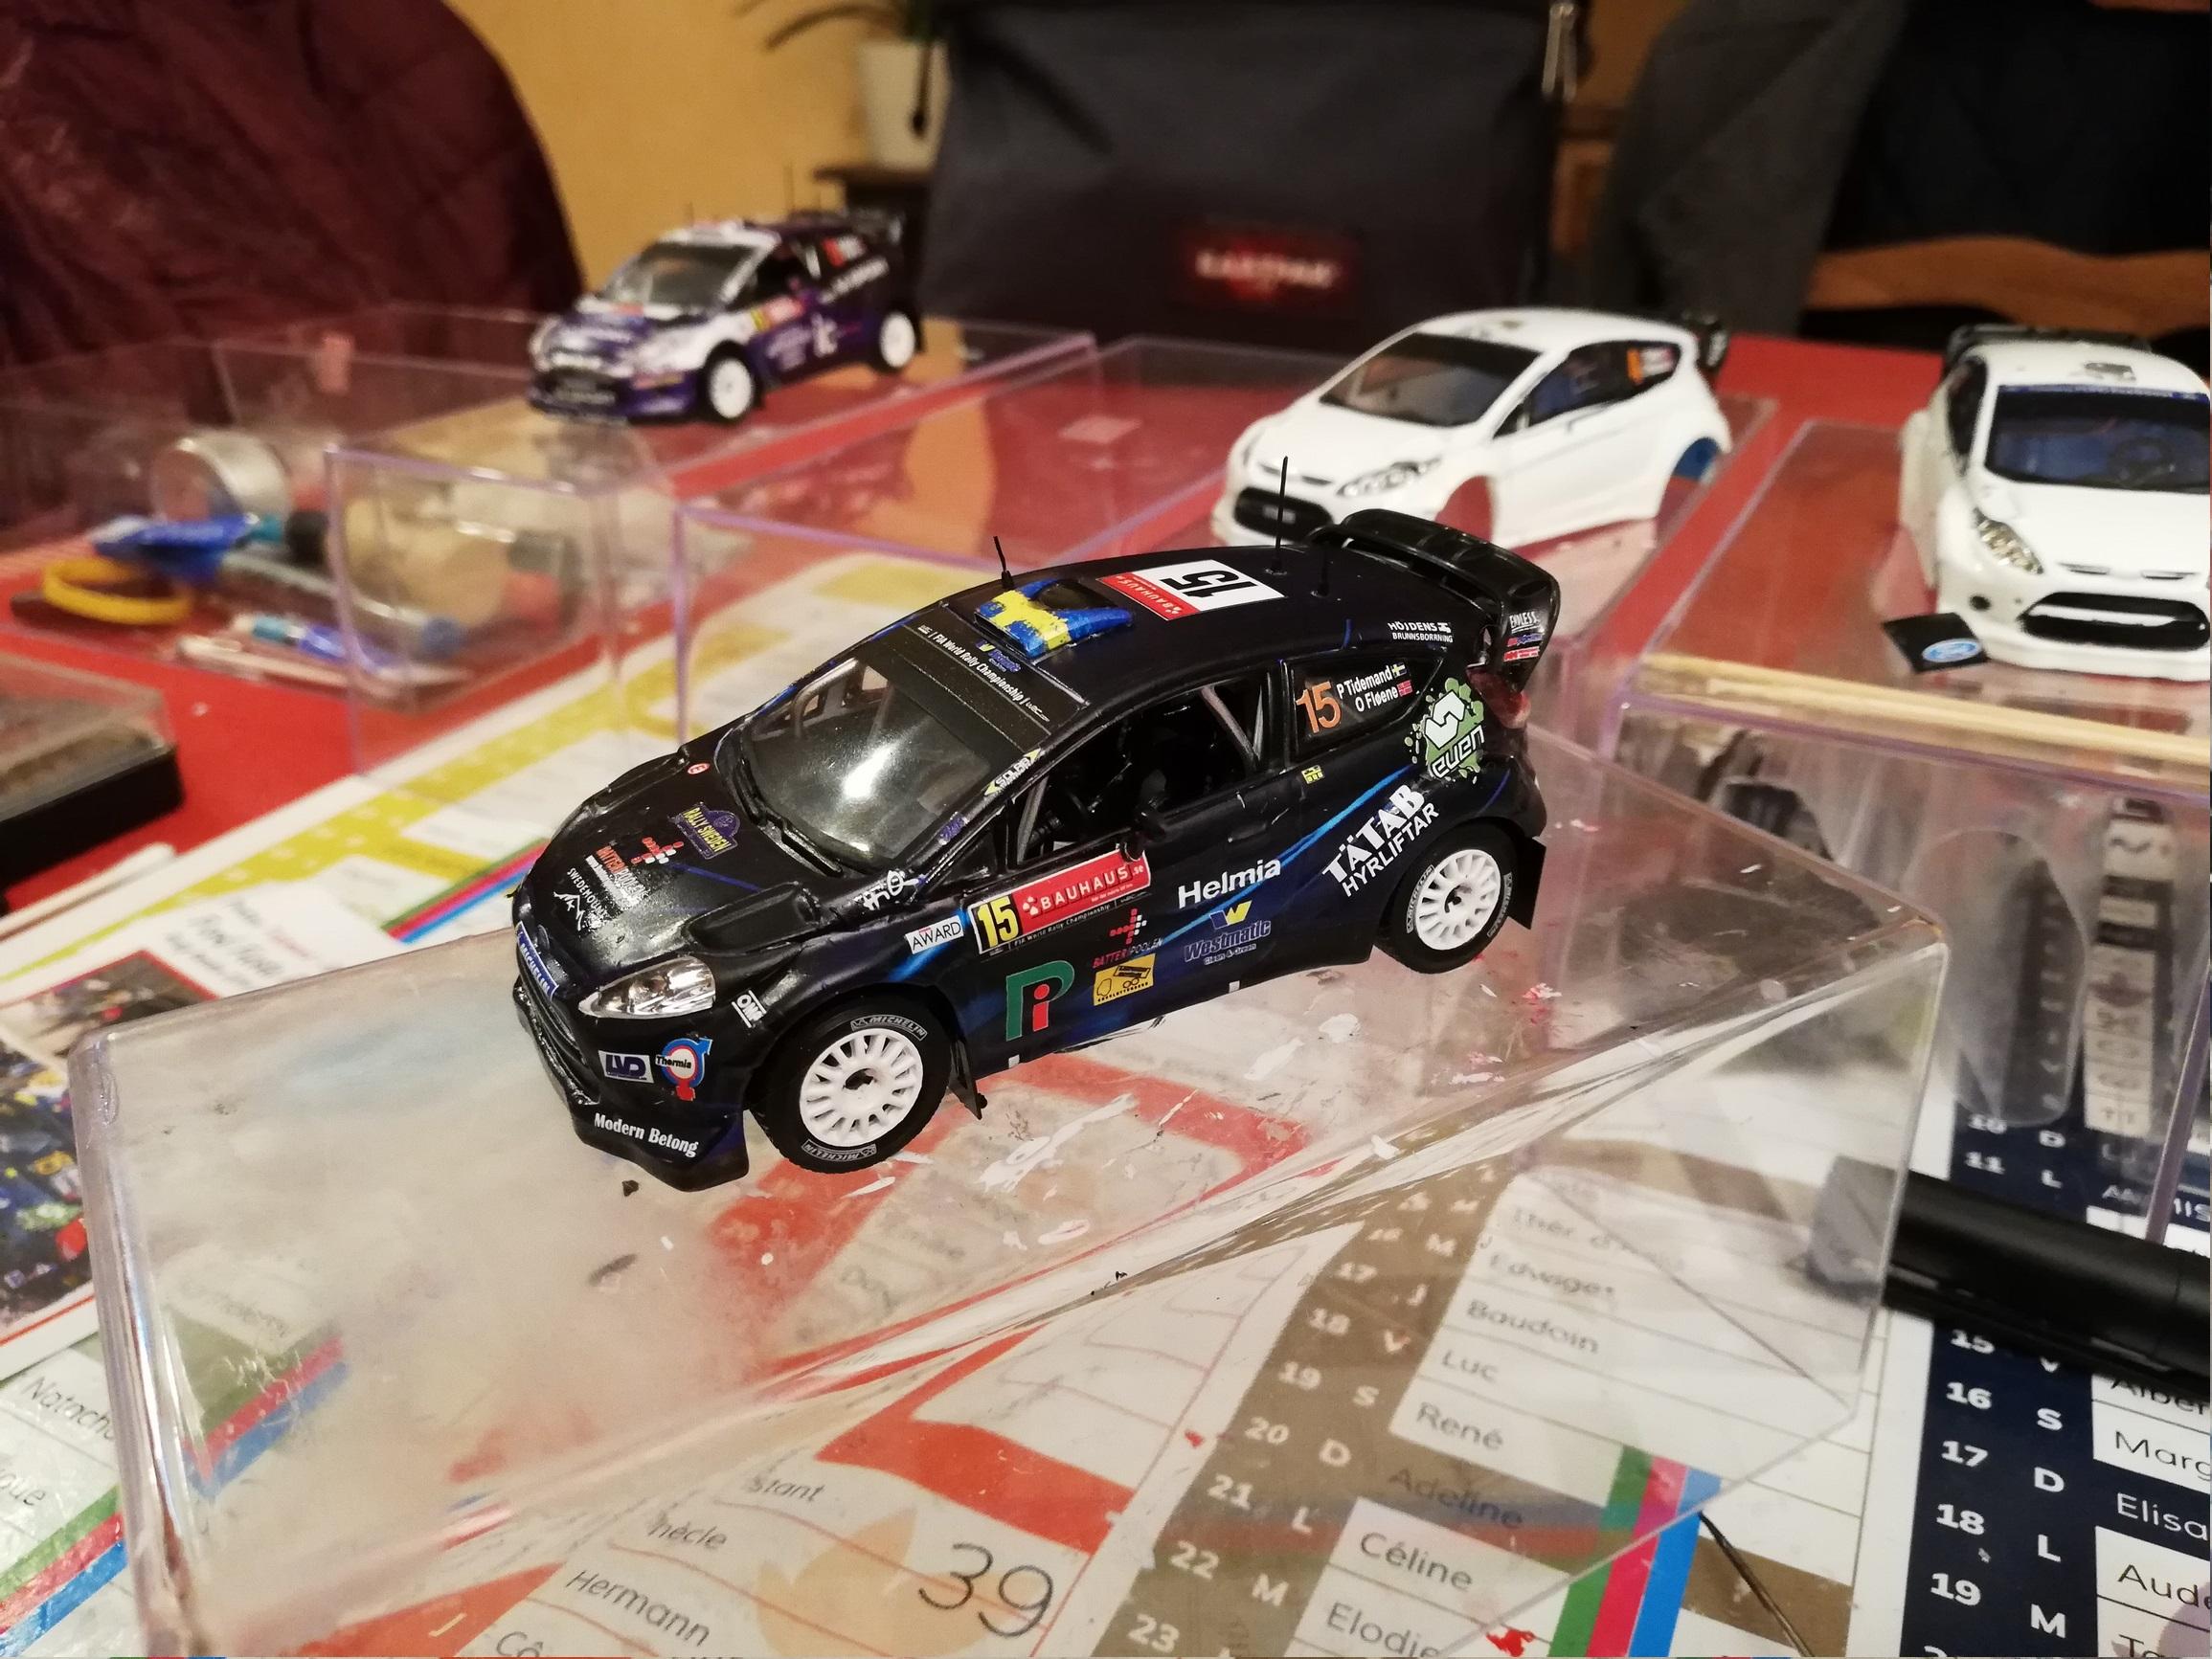 Fiesta WRC Tidemand 2014.jpg